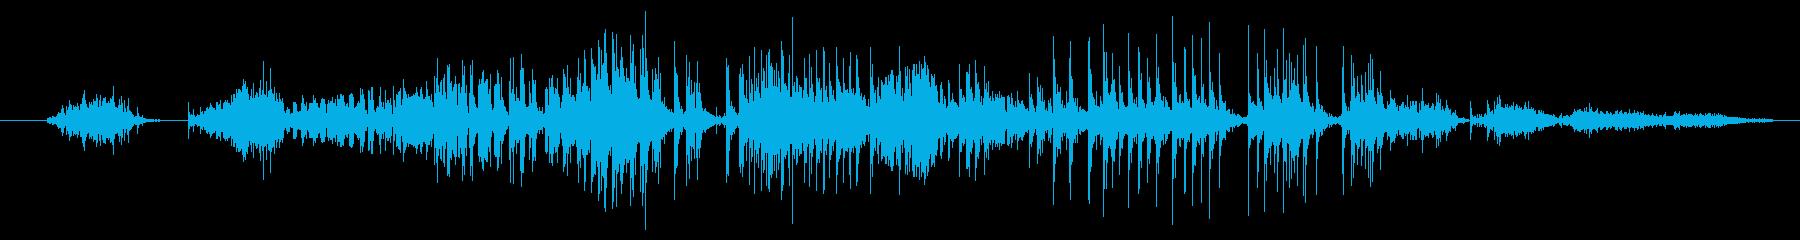 厚紙:低速摩擦摩擦きしみ音またはベンドの再生済みの波形